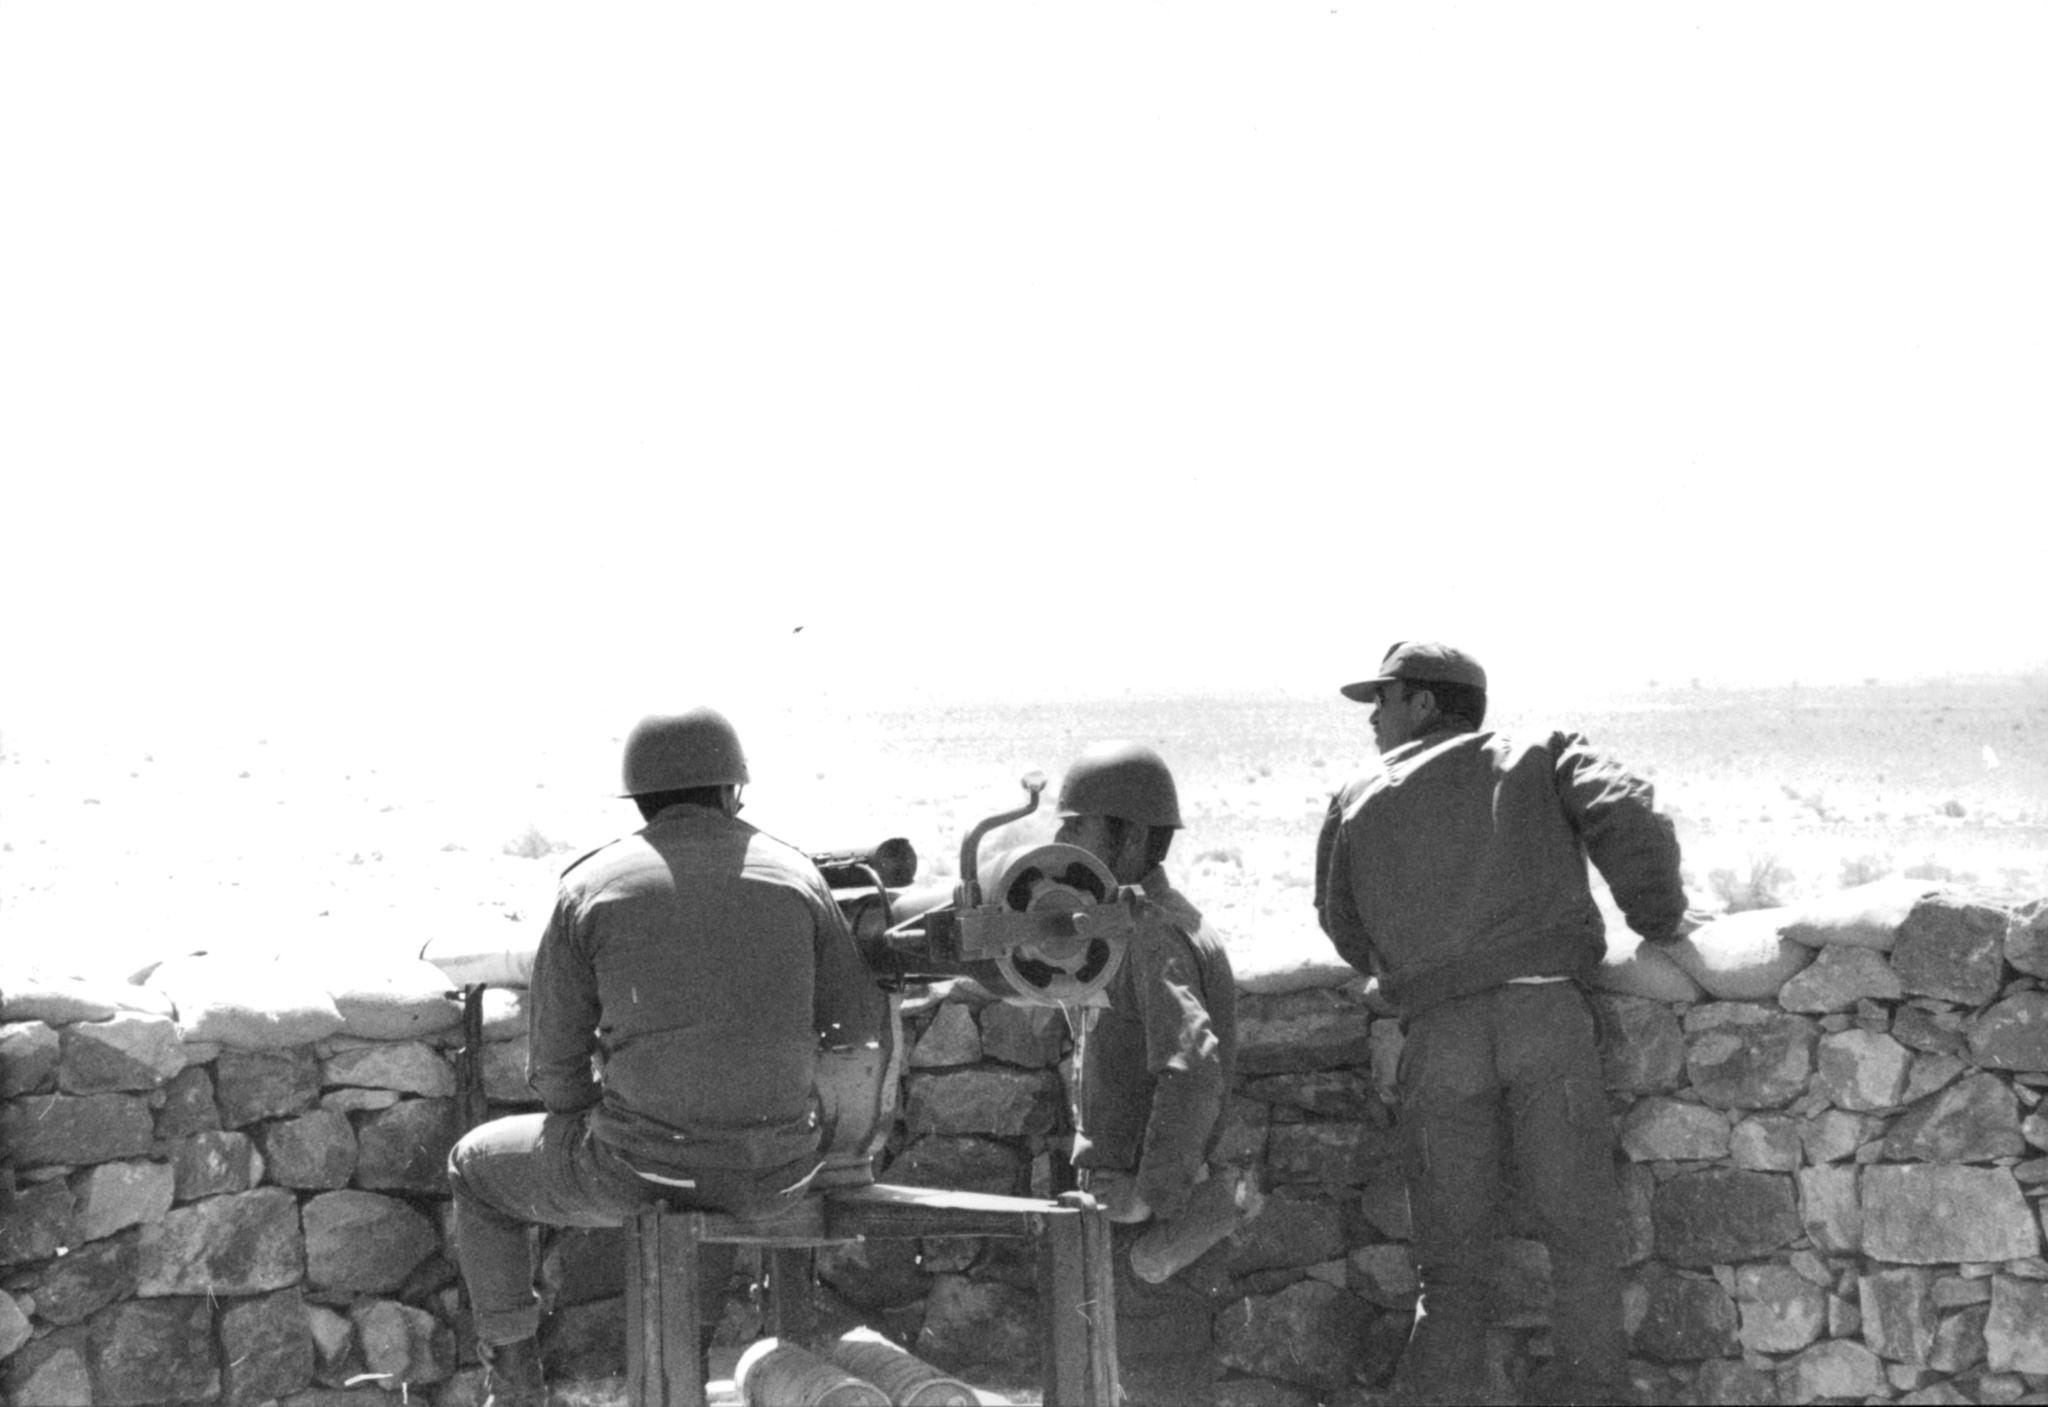 Le conflit armé du sahara marocain - Page 14 50522428982_2da5928c5e_o_d